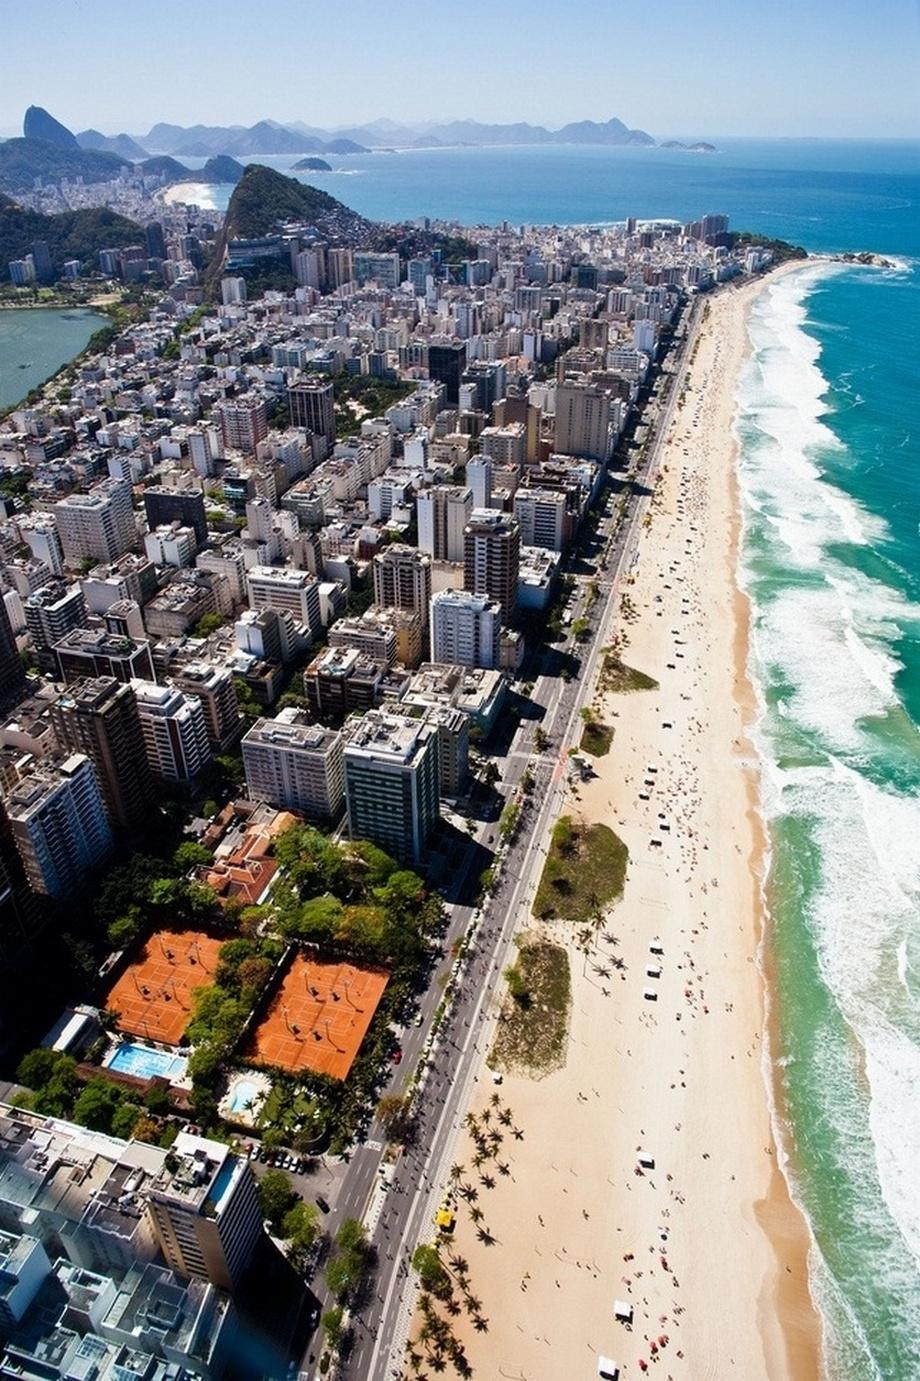 beach wallpaper stones blue ocean clean sand